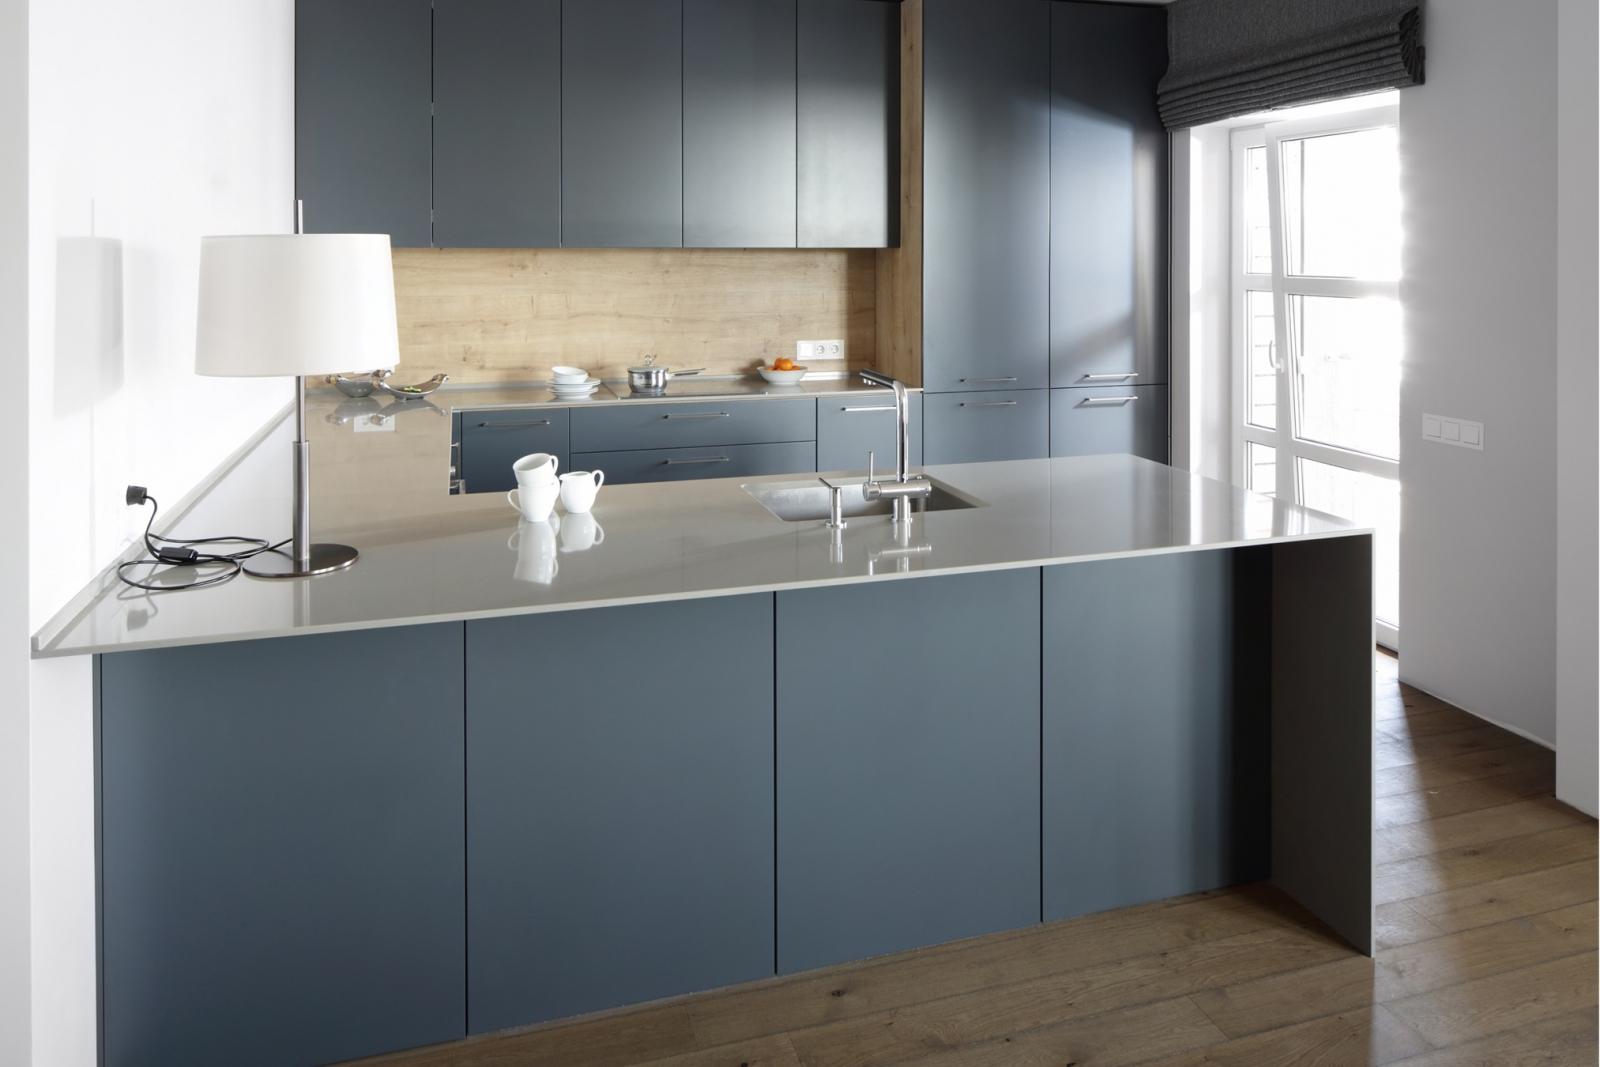 Grijze Keuken Wit Blad : Keukenwerkbladen: Geschikte materialen en hun prijzen